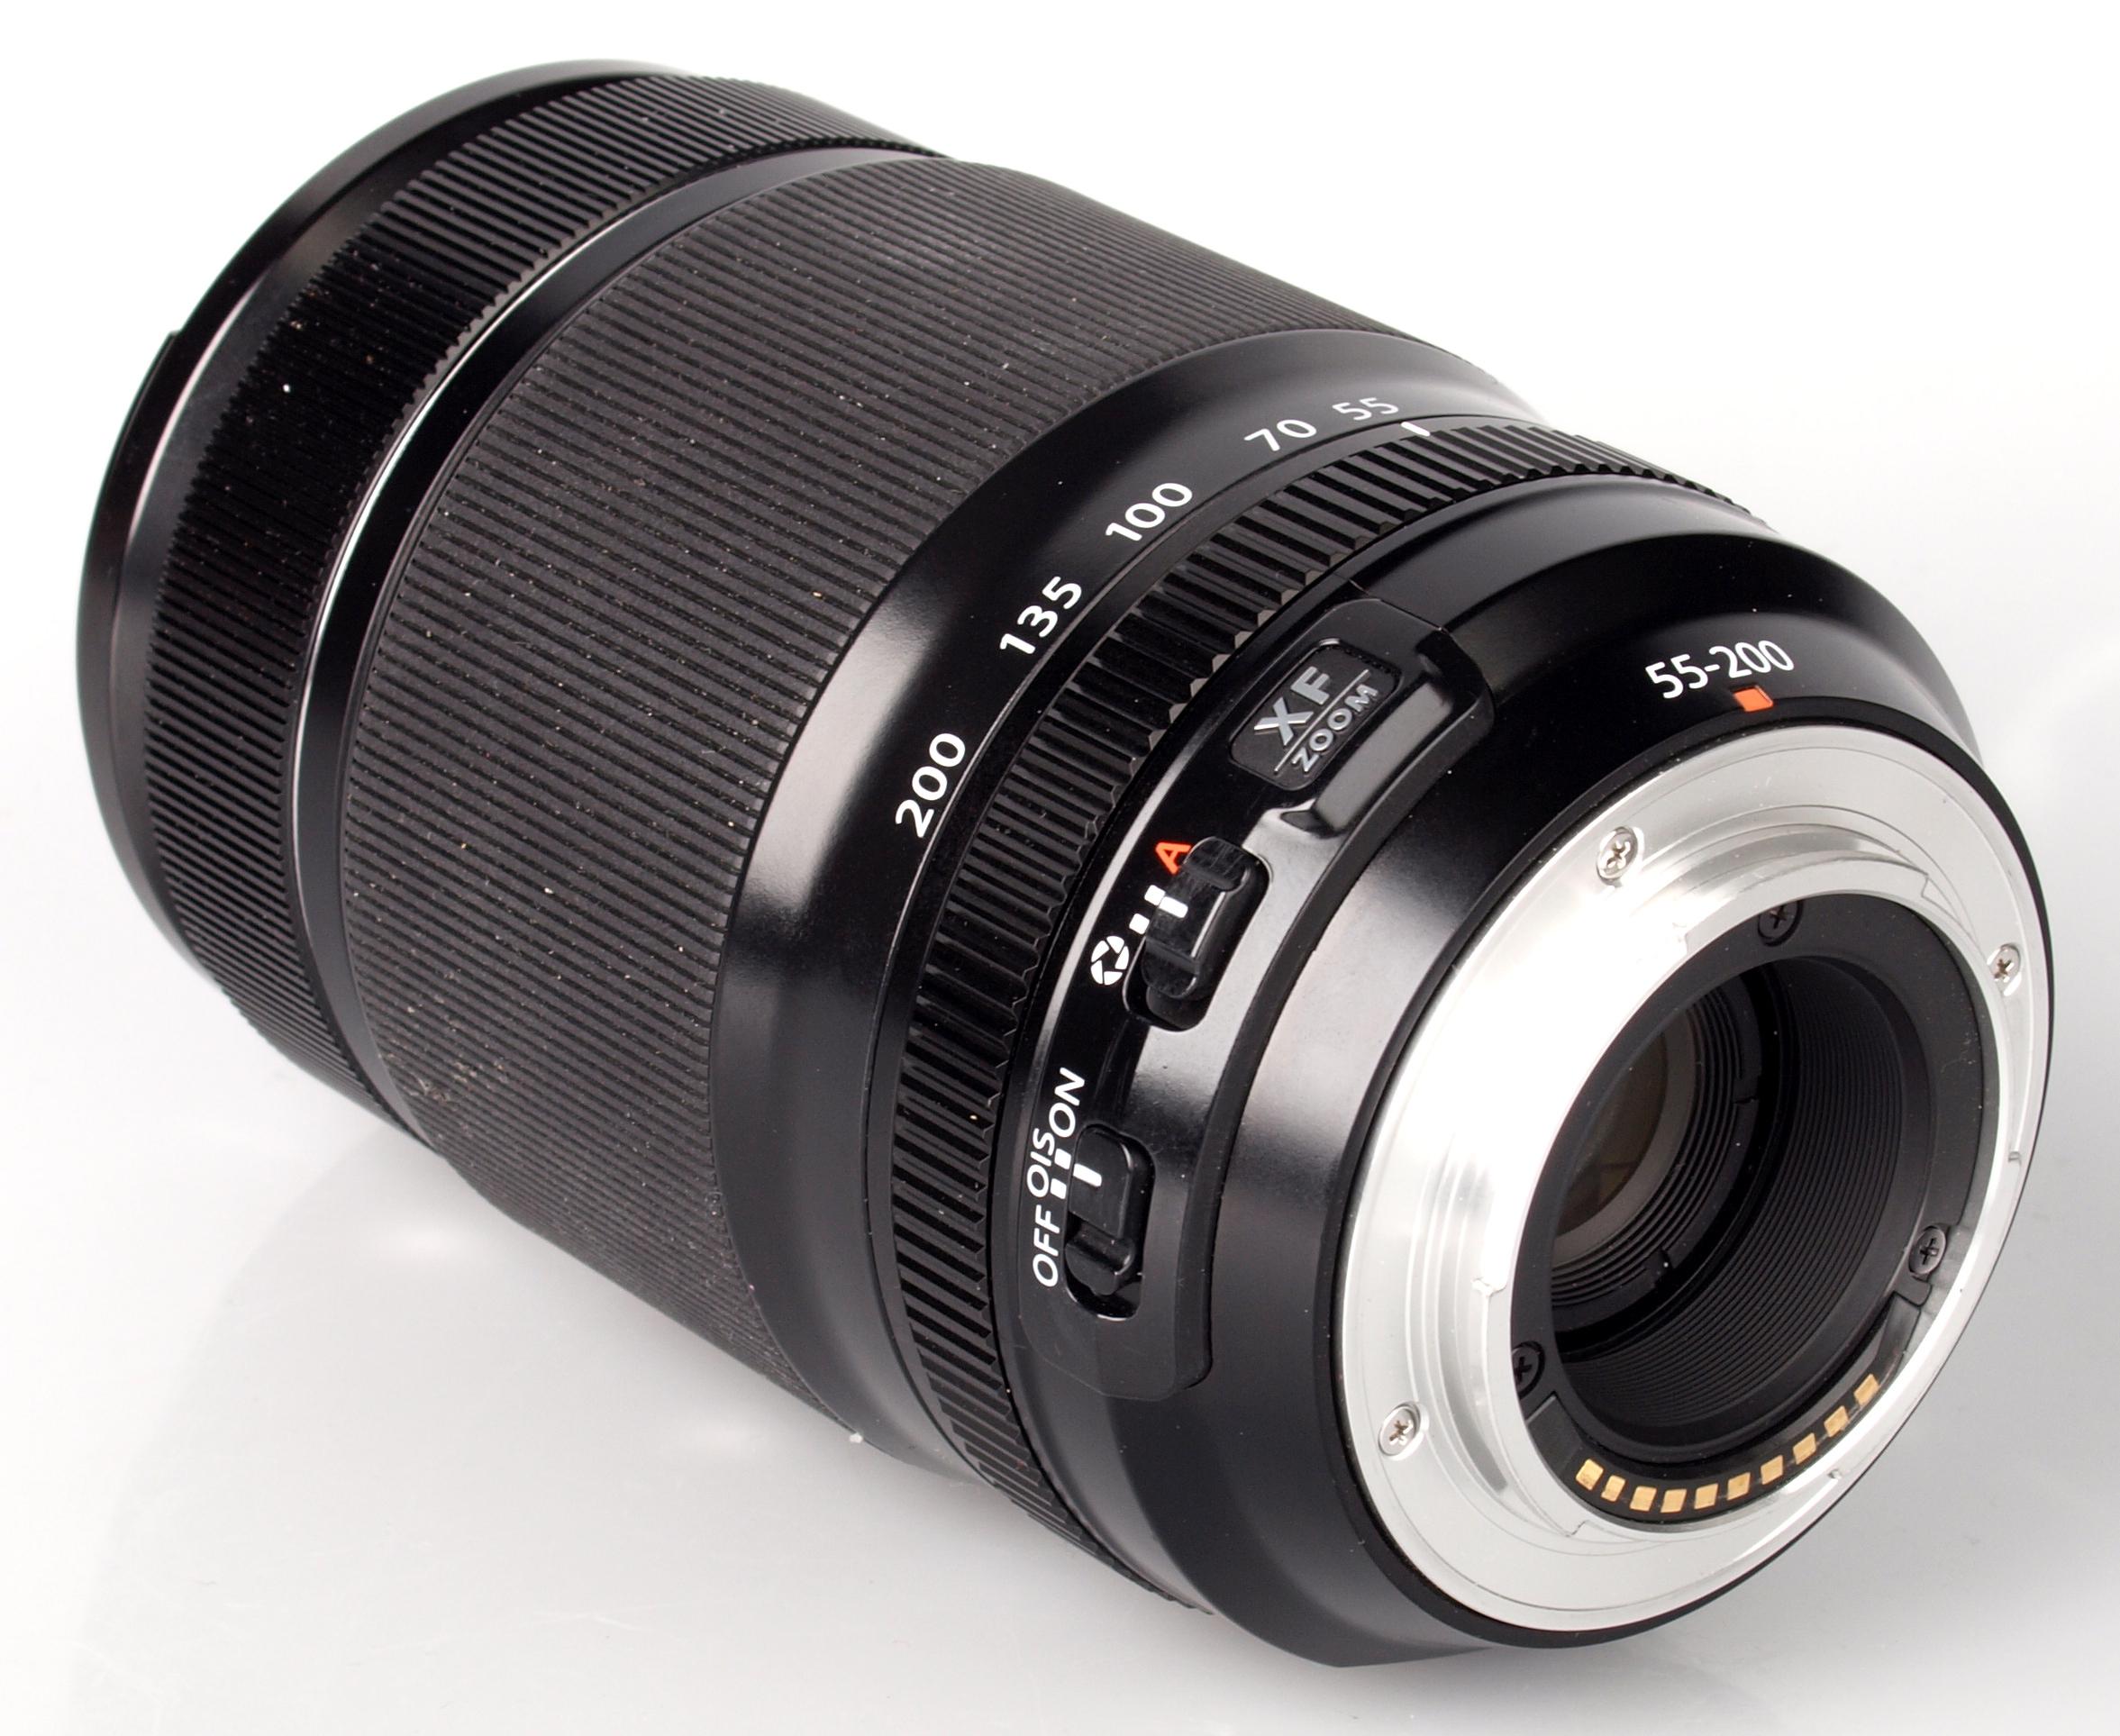 Fujifilm Fujinon Xf 55 200mm F 3 5 4 8 R Lm Ois Lens Review